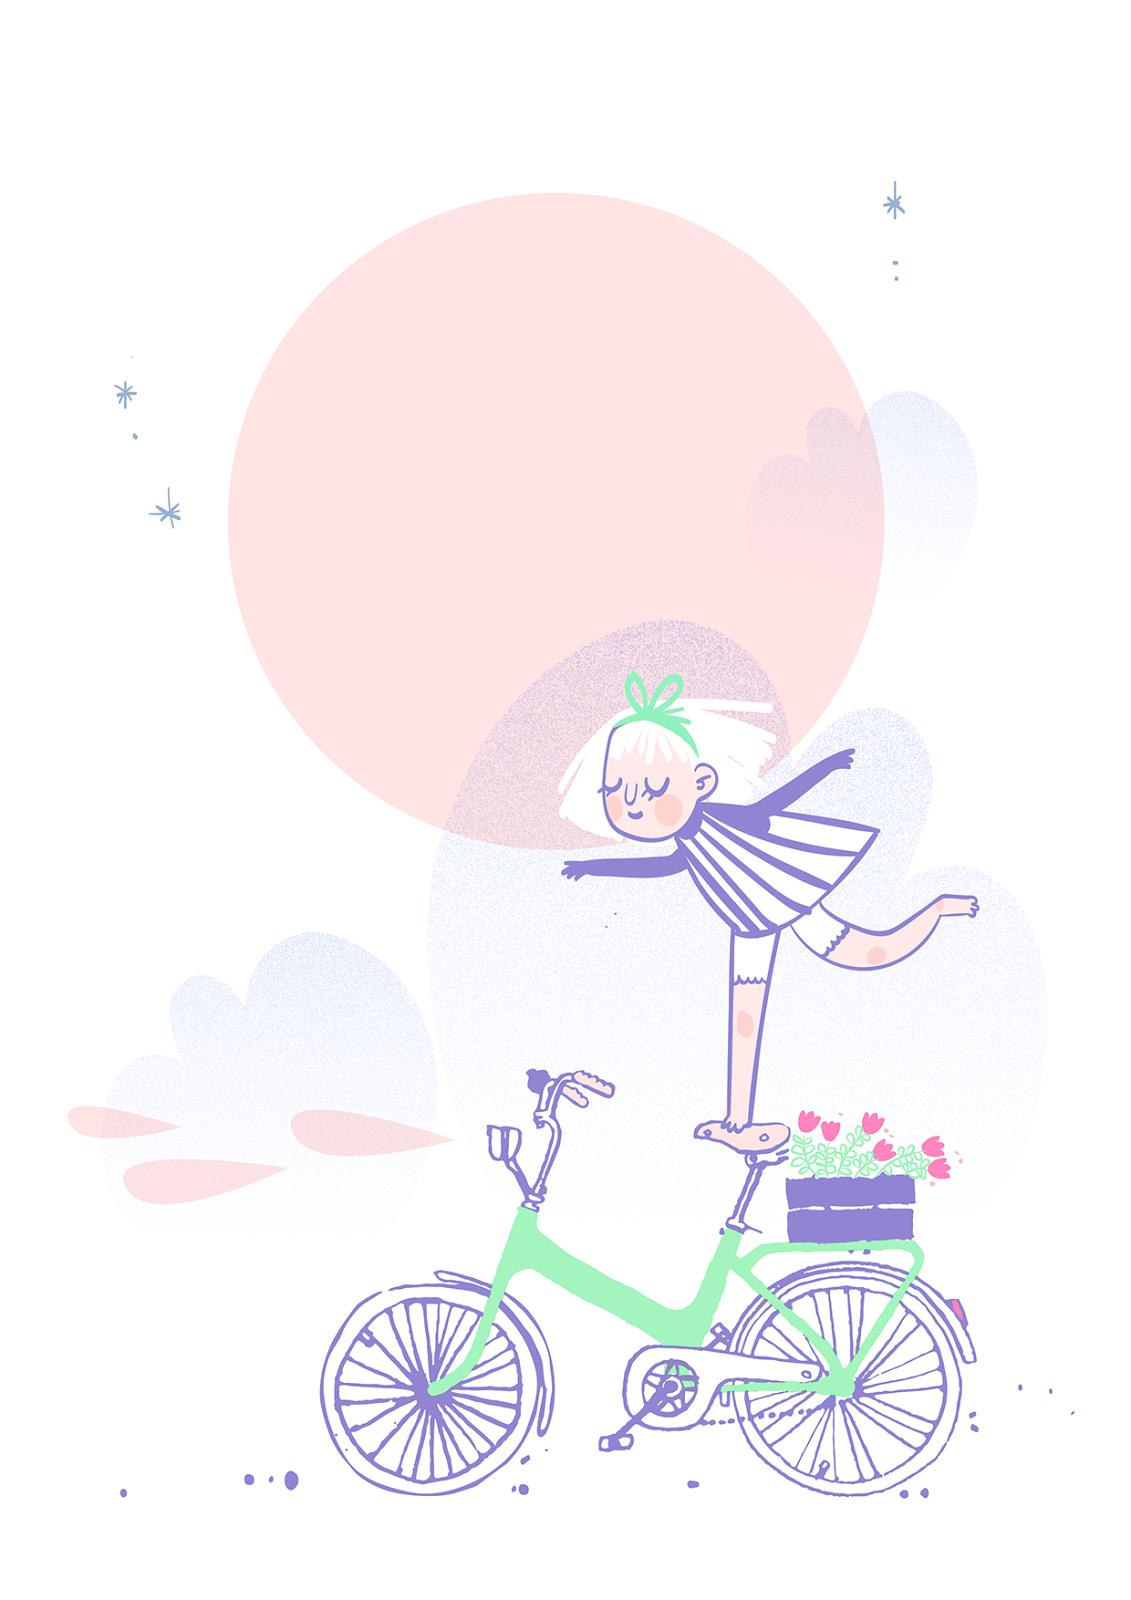 Bike Moon Illustration by Jenni Saarenkyla